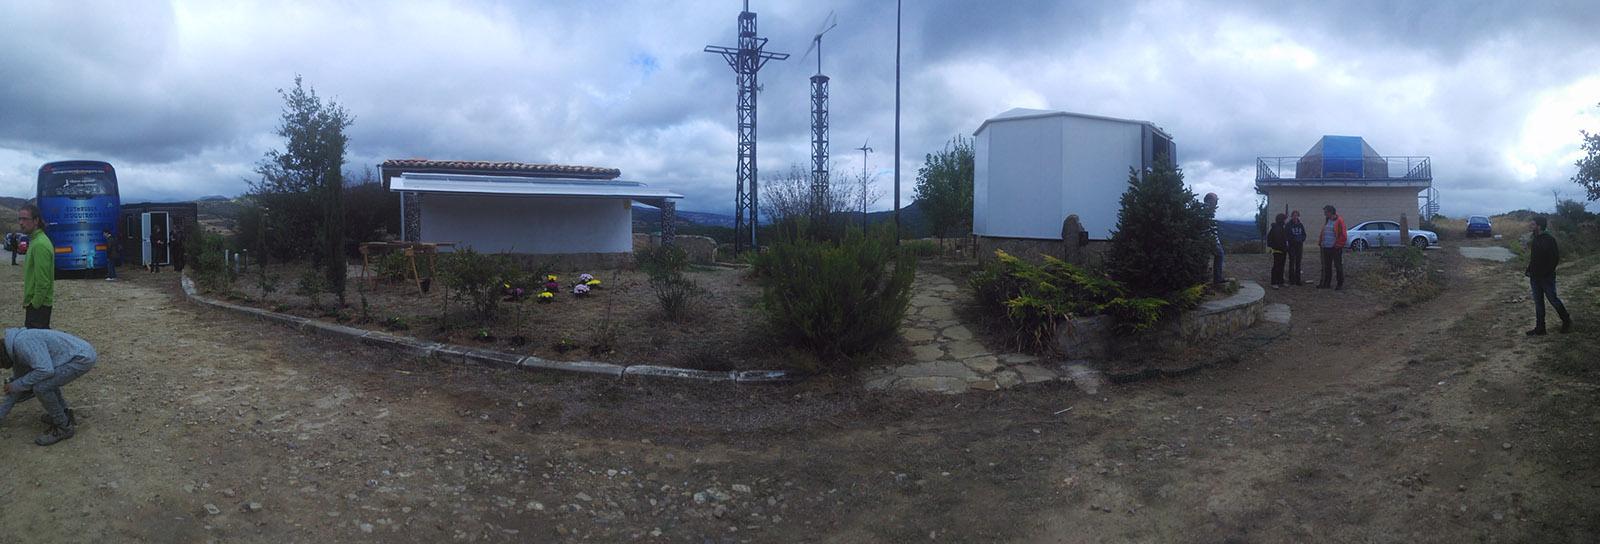 Panorámica del Observatorio Astronómico de Guirguillano.